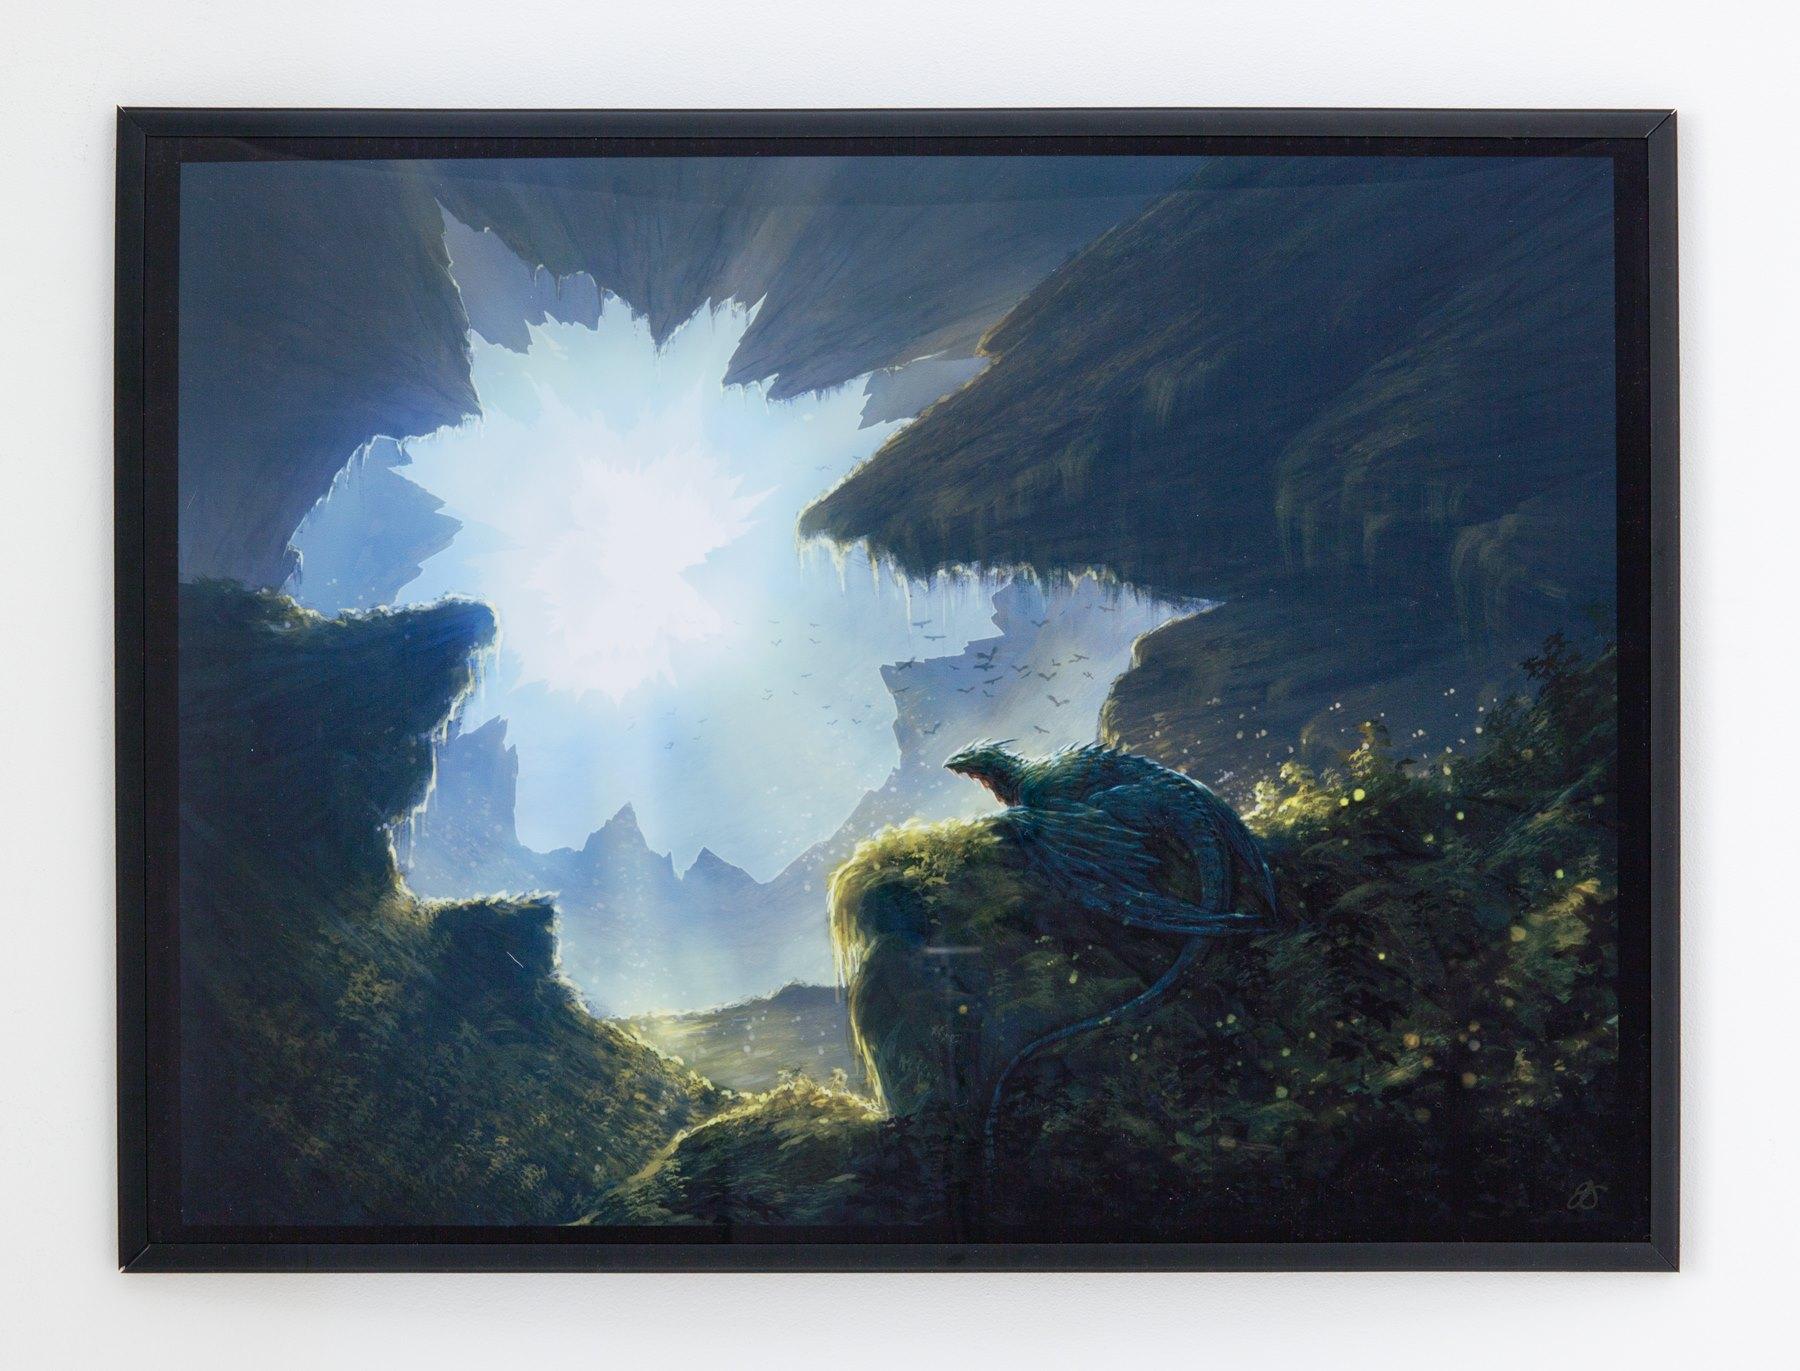 """Eben Schumacher - """"Cave Dragon"""" Insta: @eben.schumacher.art  For Sale: $200"""